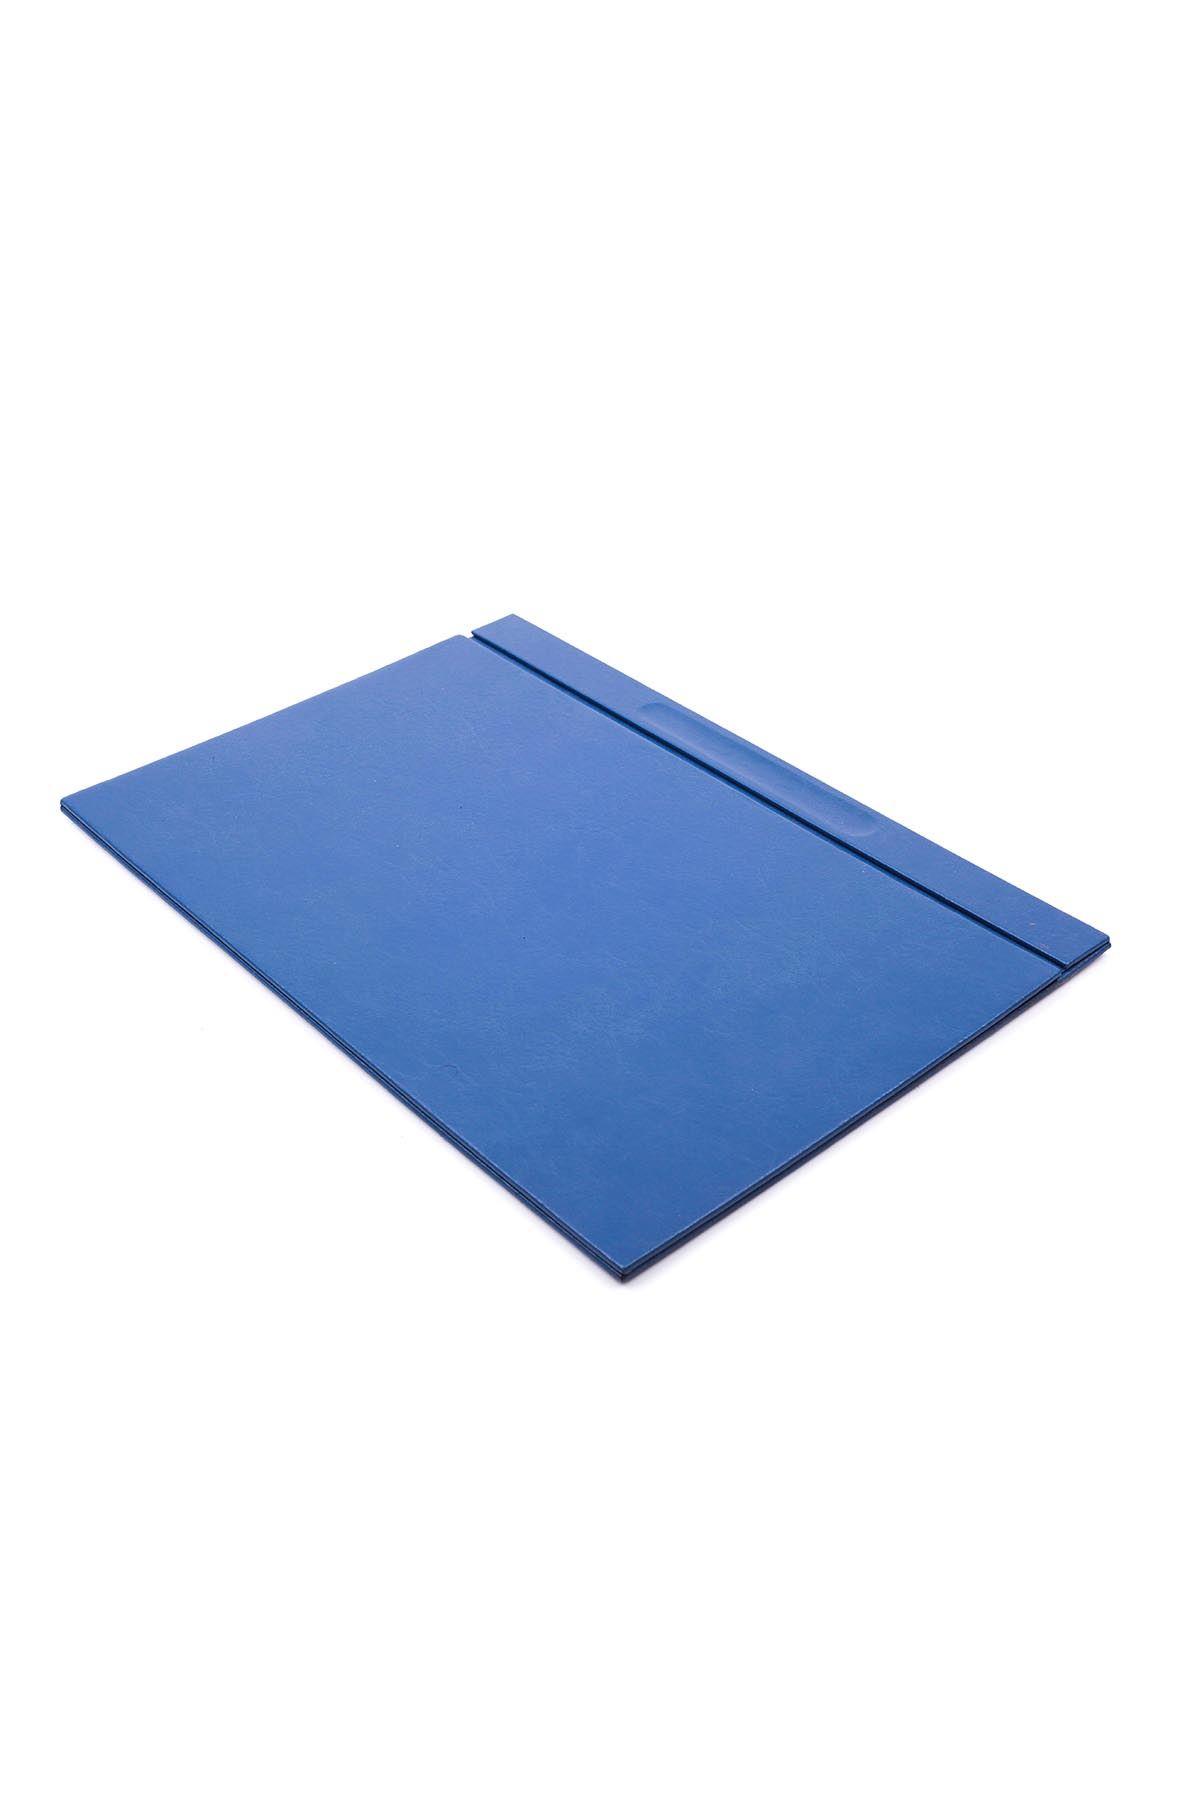 Leather Desk Set 8 Accessories Blue